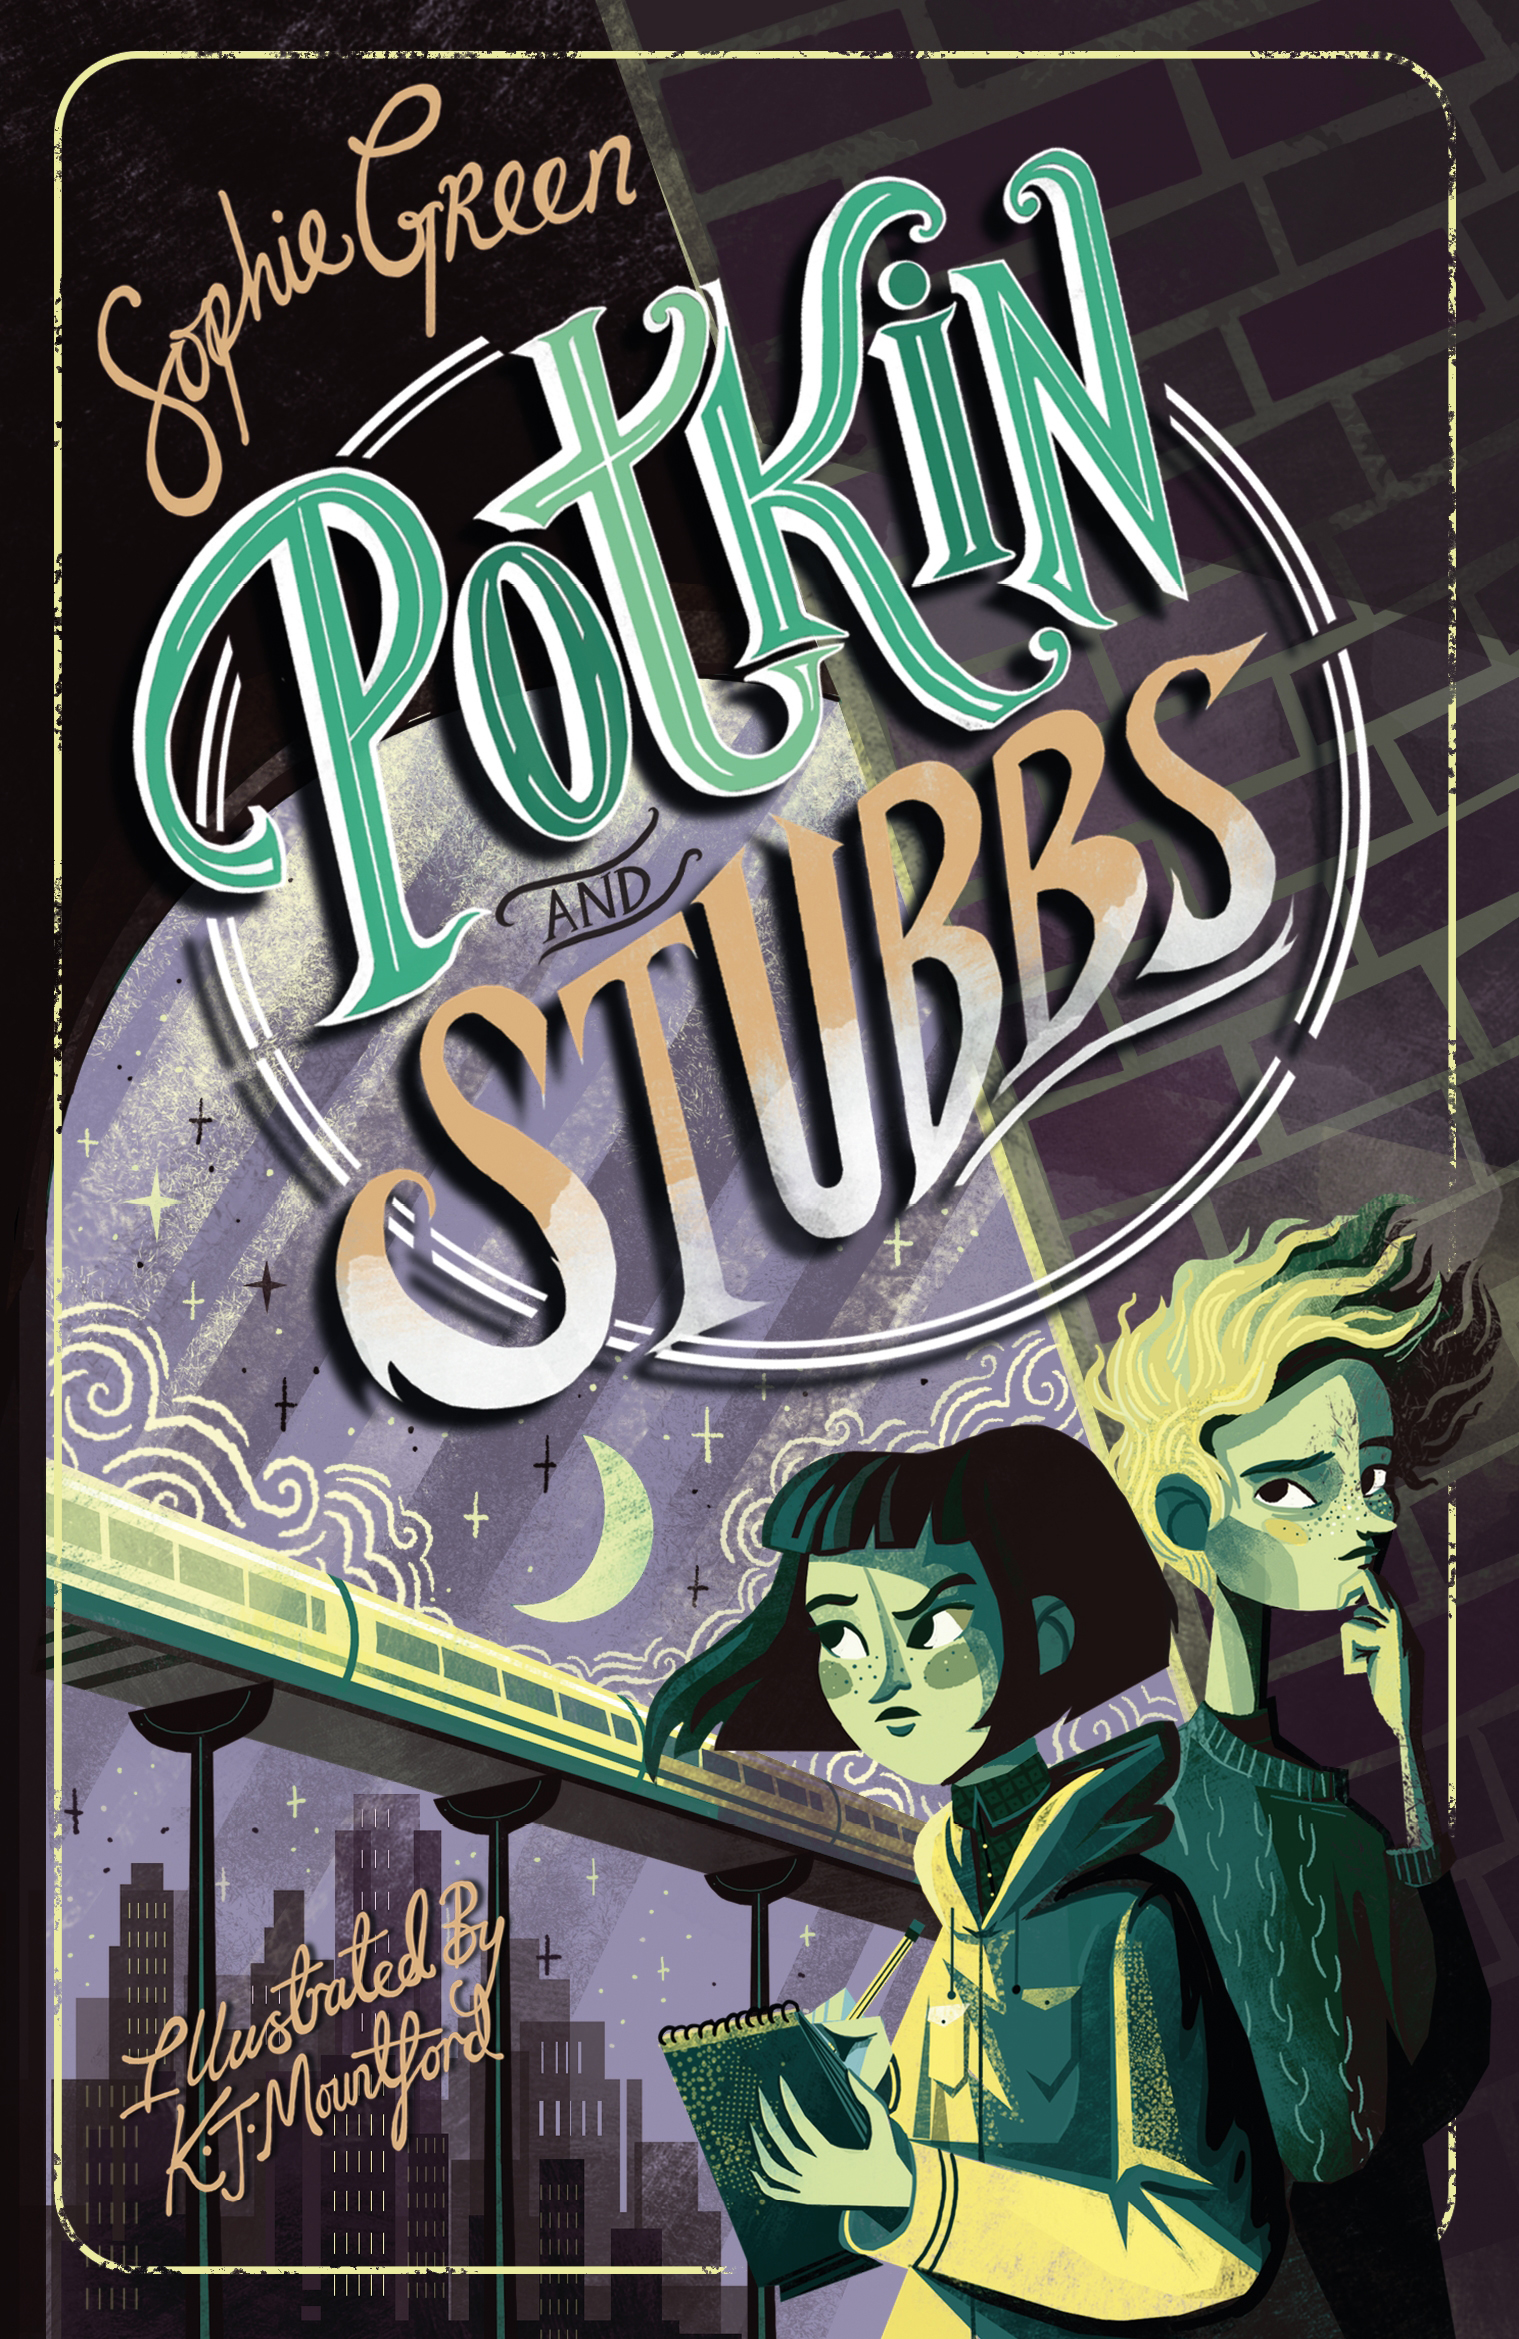 Potkin and Stubbs